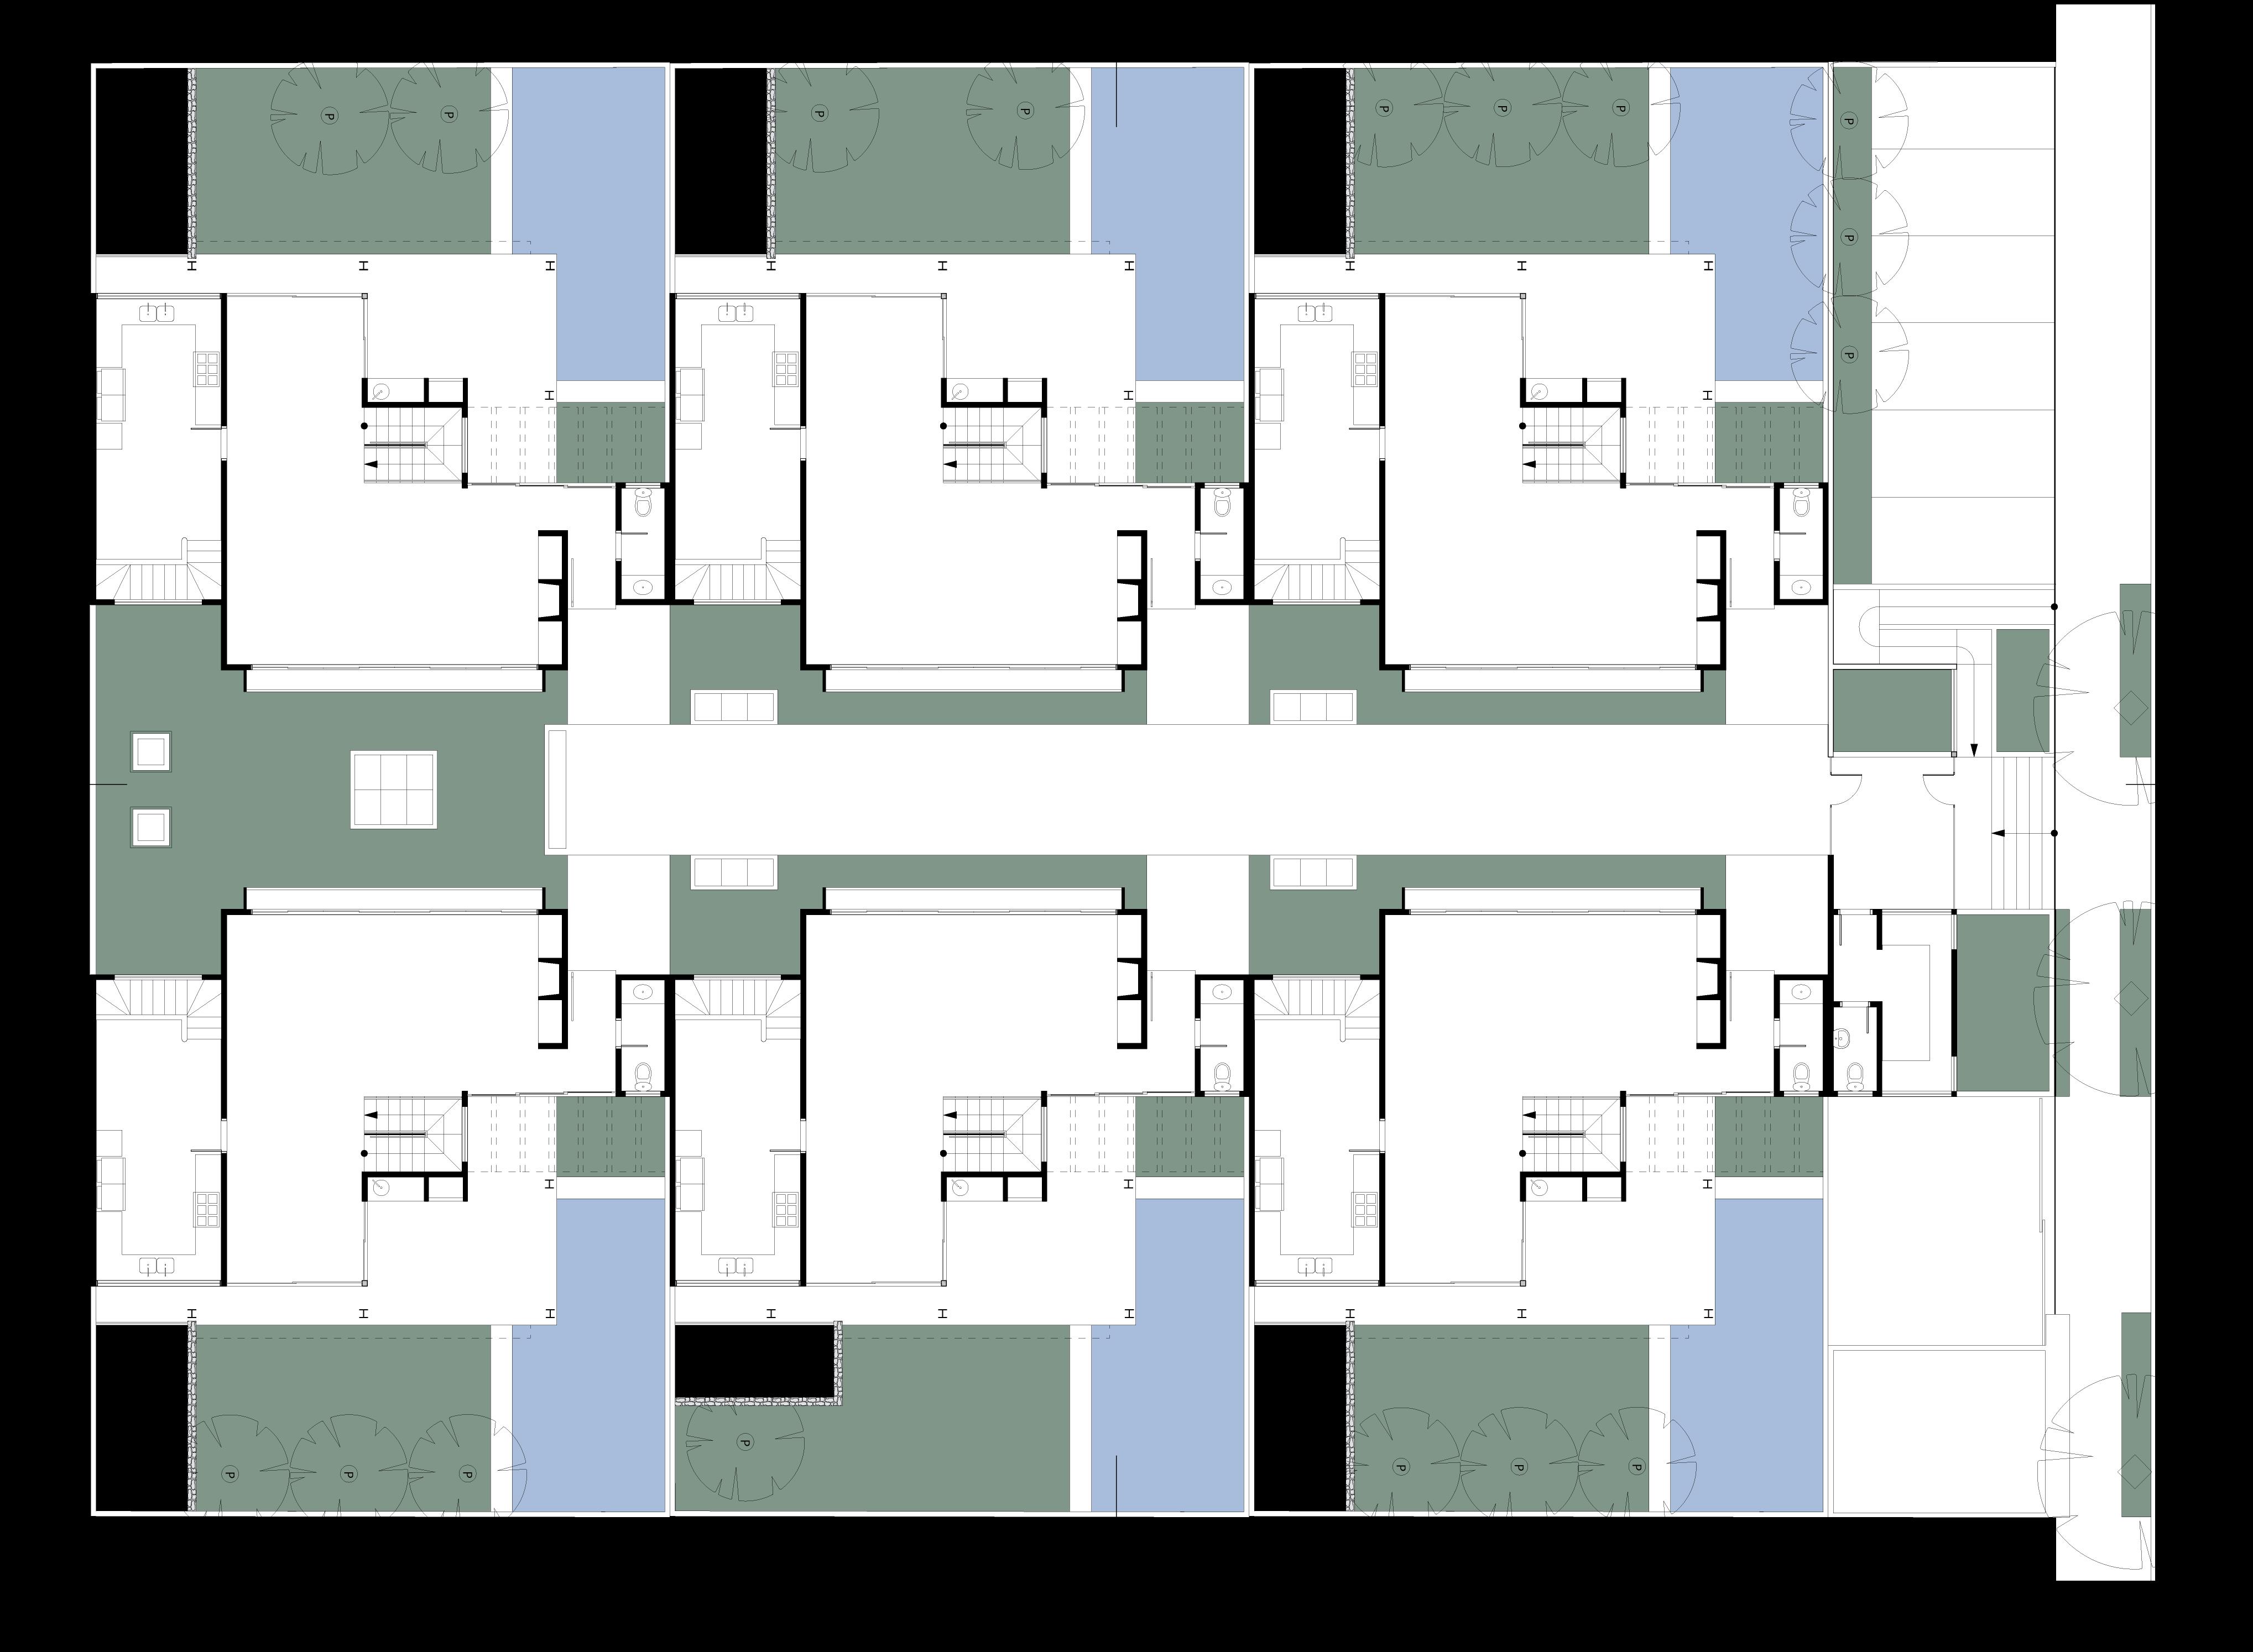 PessoaArquitetos_02-Implantação Térreo2 [Converted]